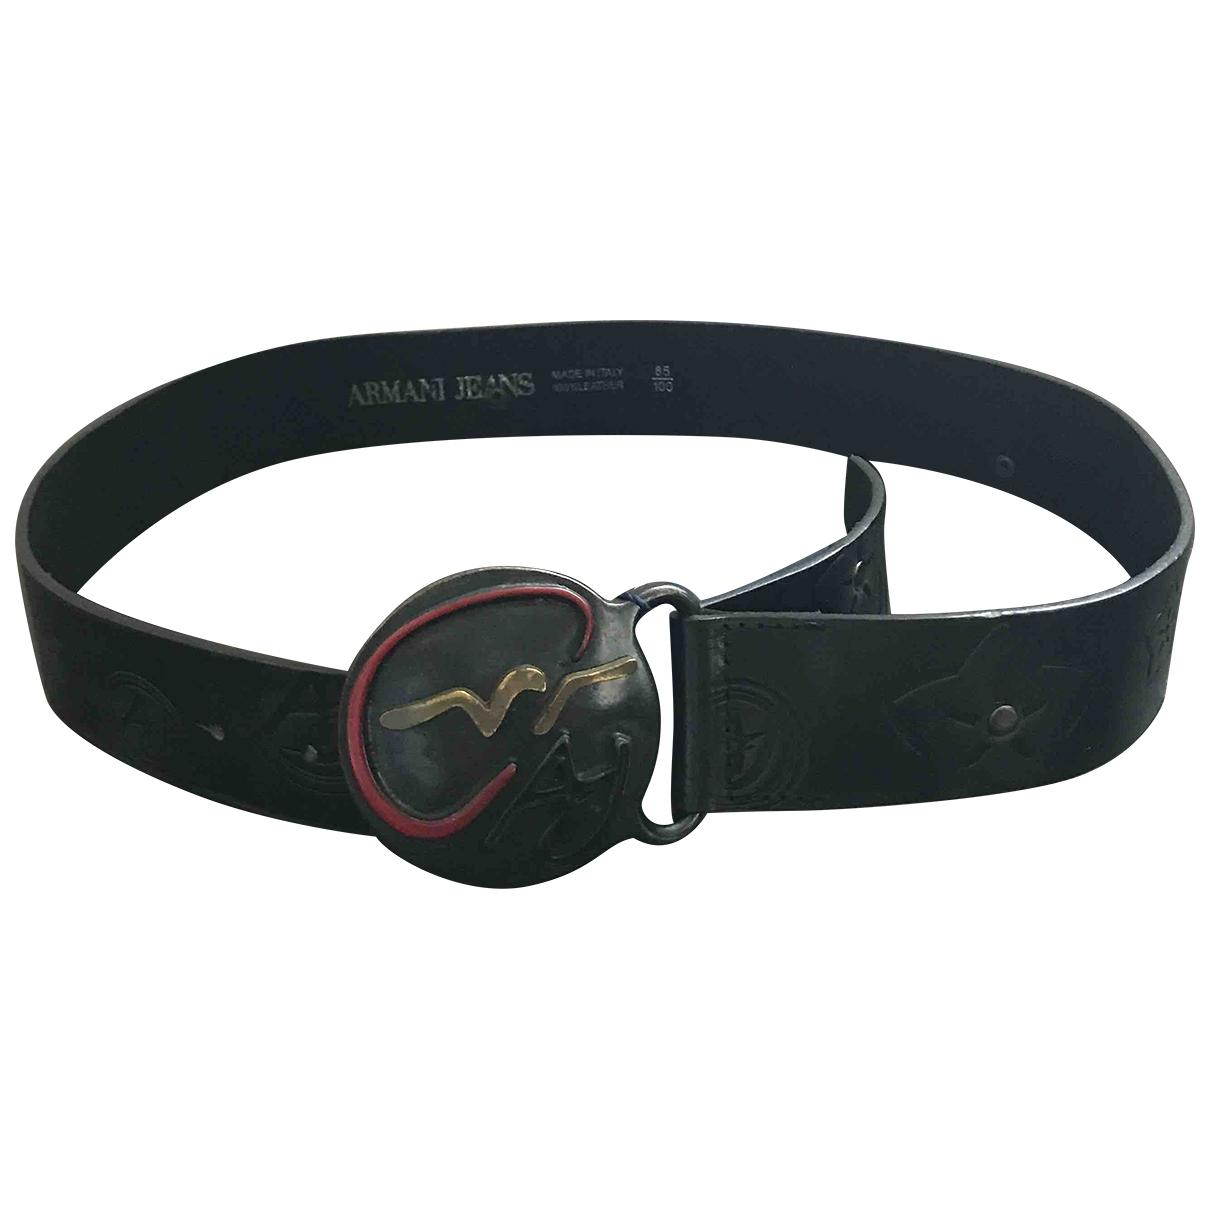 Armani Jeans \N Black Leather belt for Men 85 cm